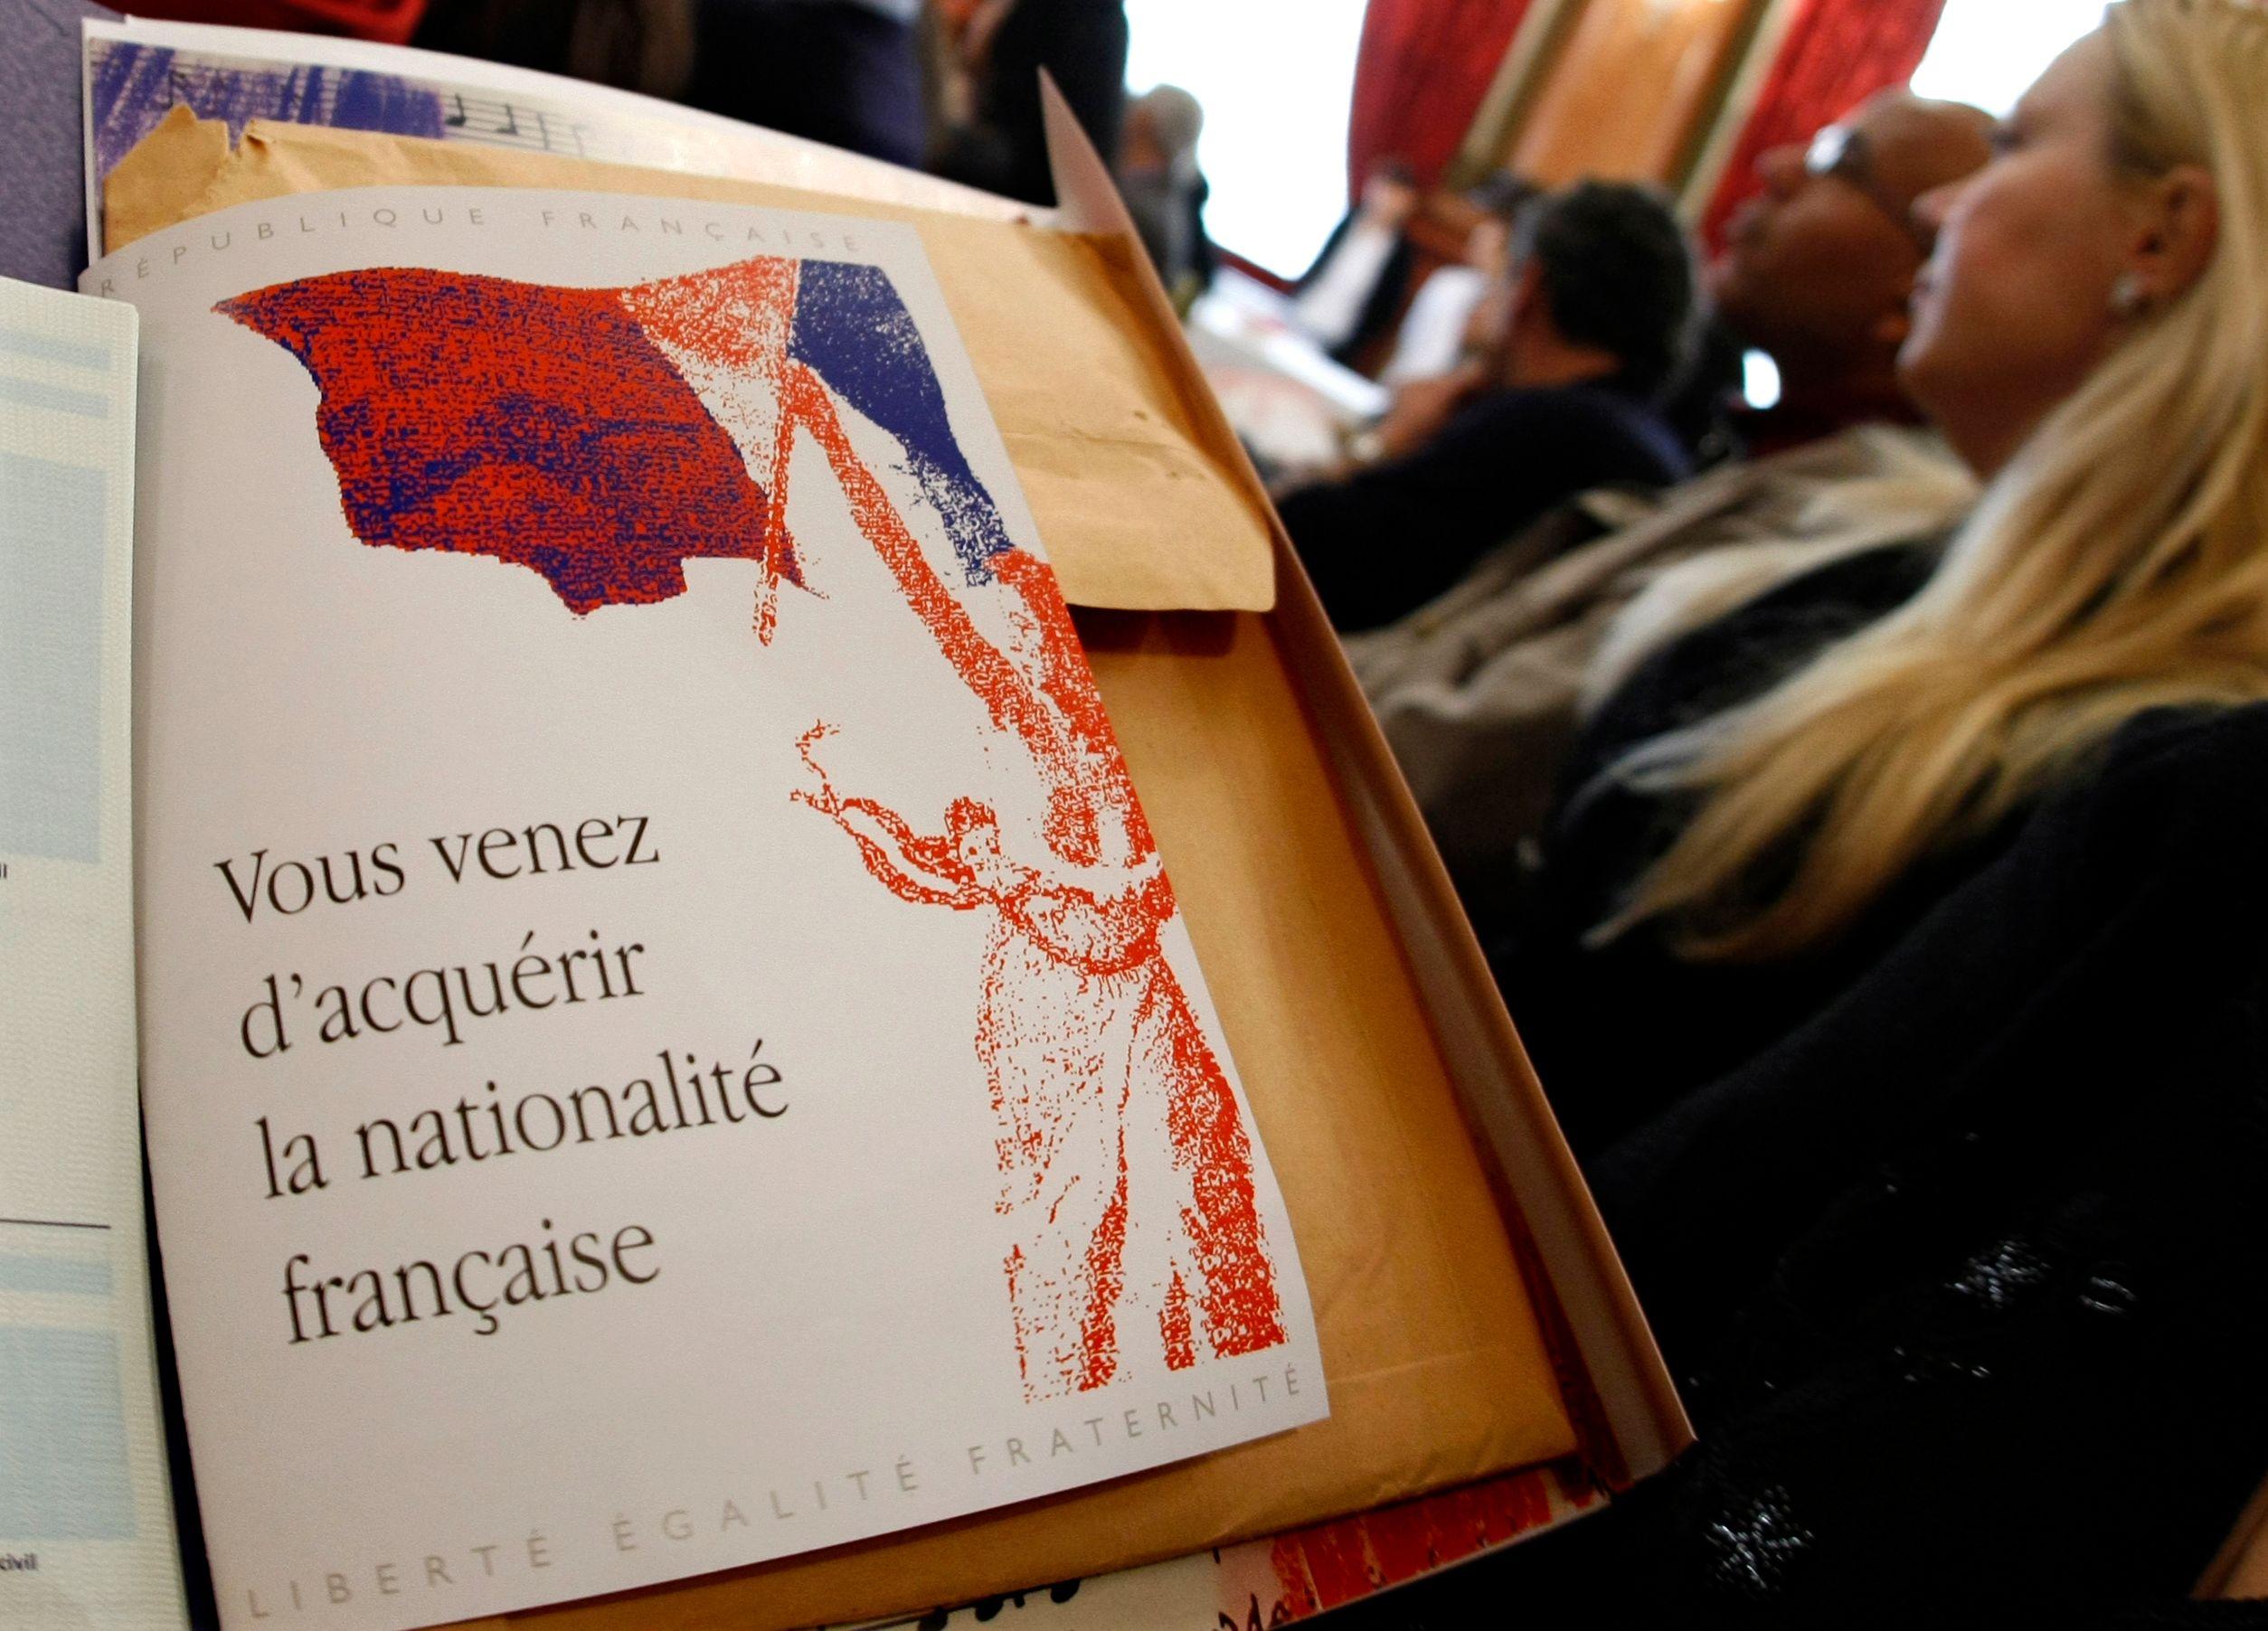 Déchéance de nationalité : pour 58% des Français, Hollande a eu tort de l'abandonner